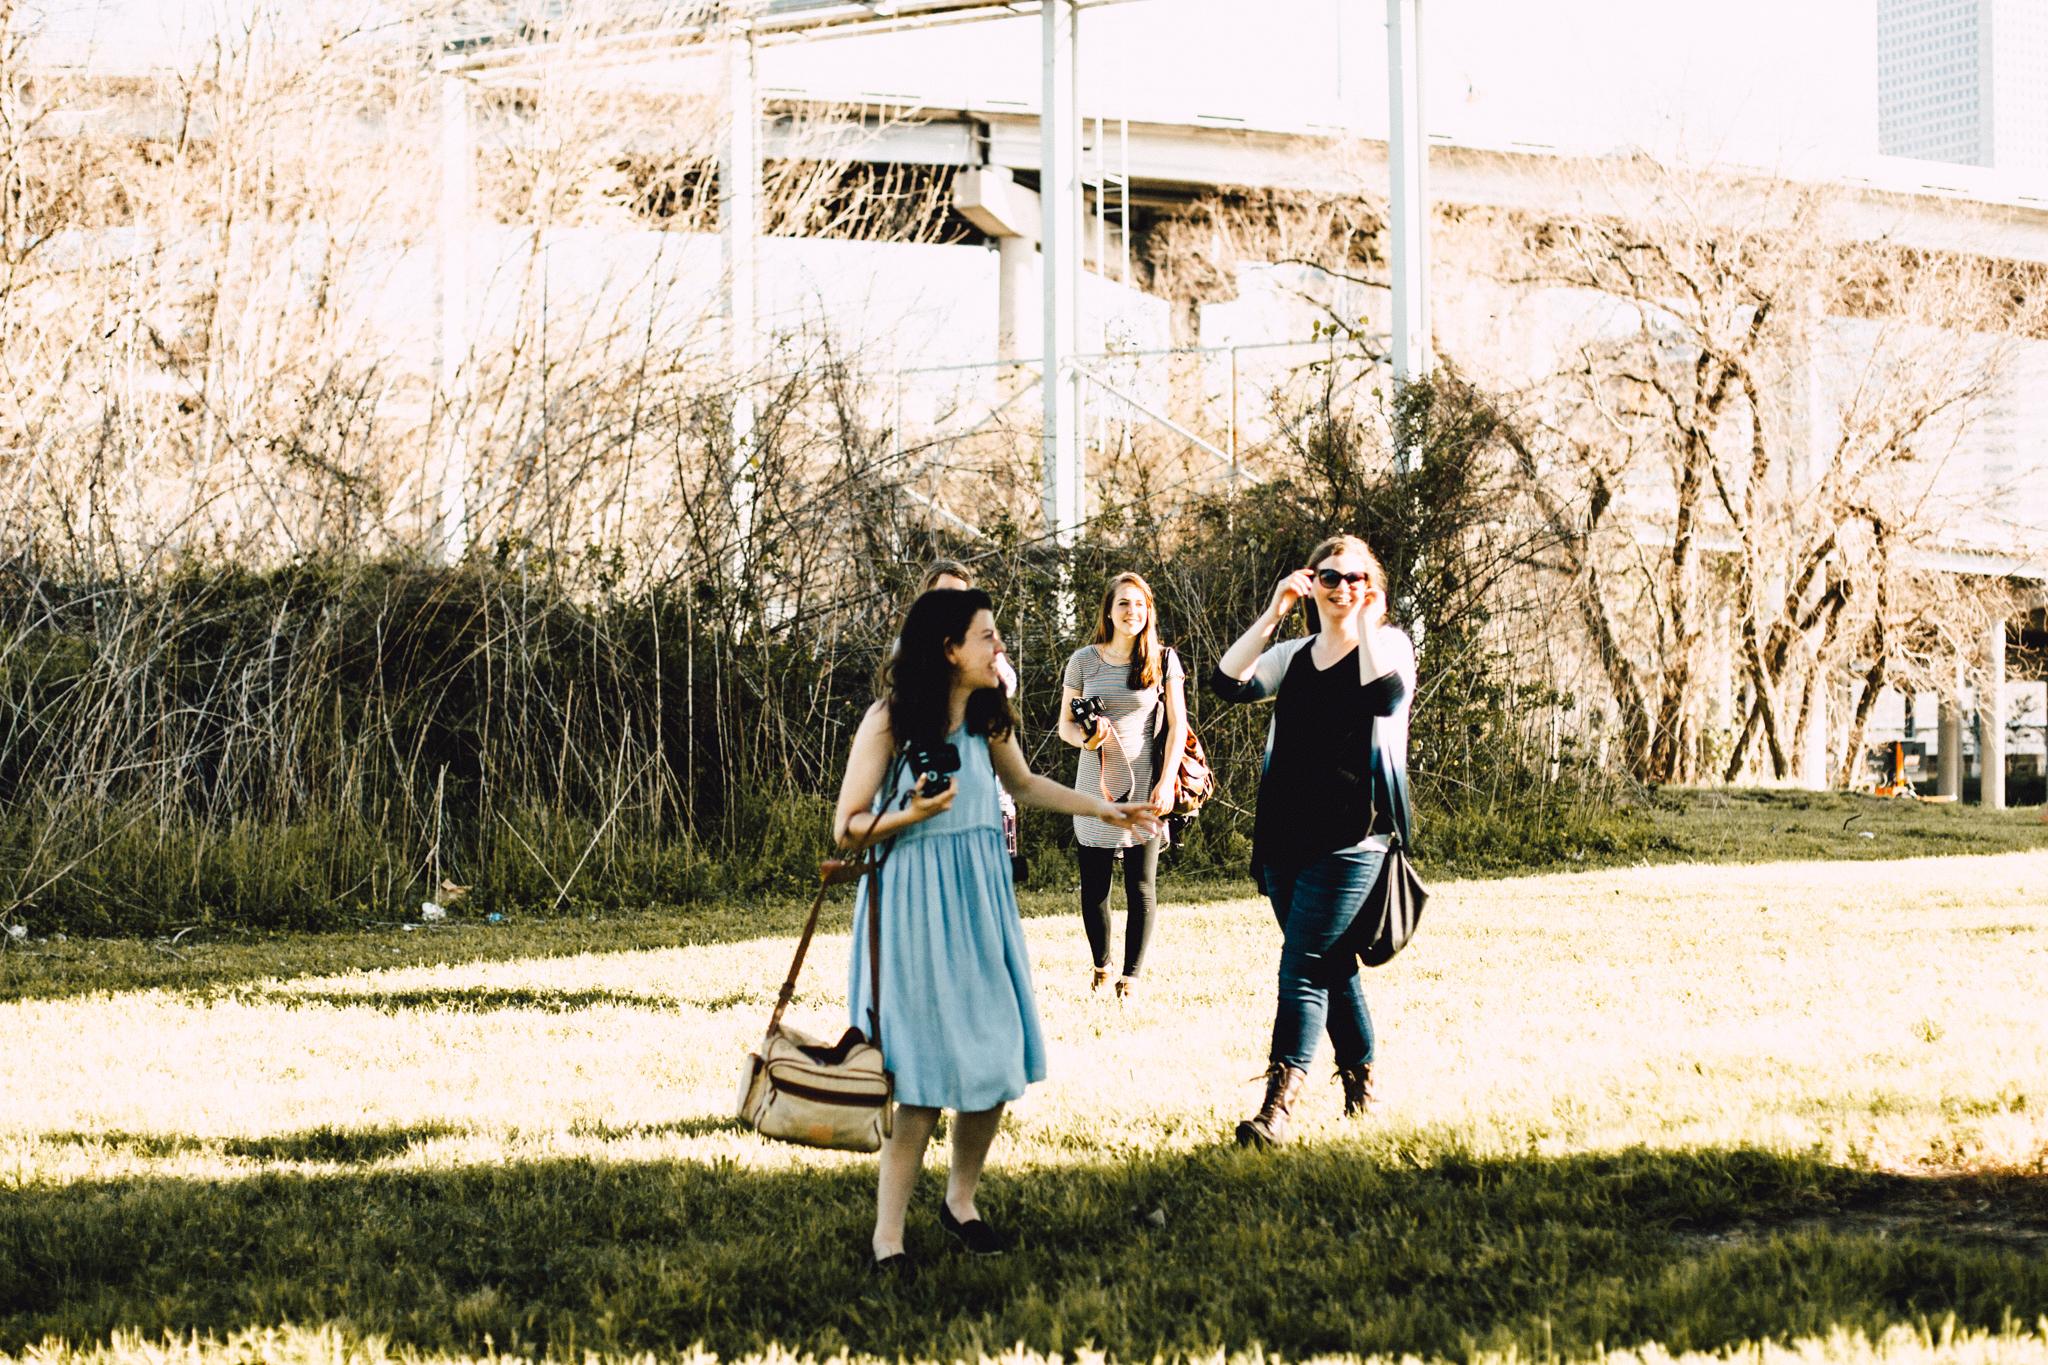 Houston Delight Girls-Johanna Schnakenberg-23.jpg